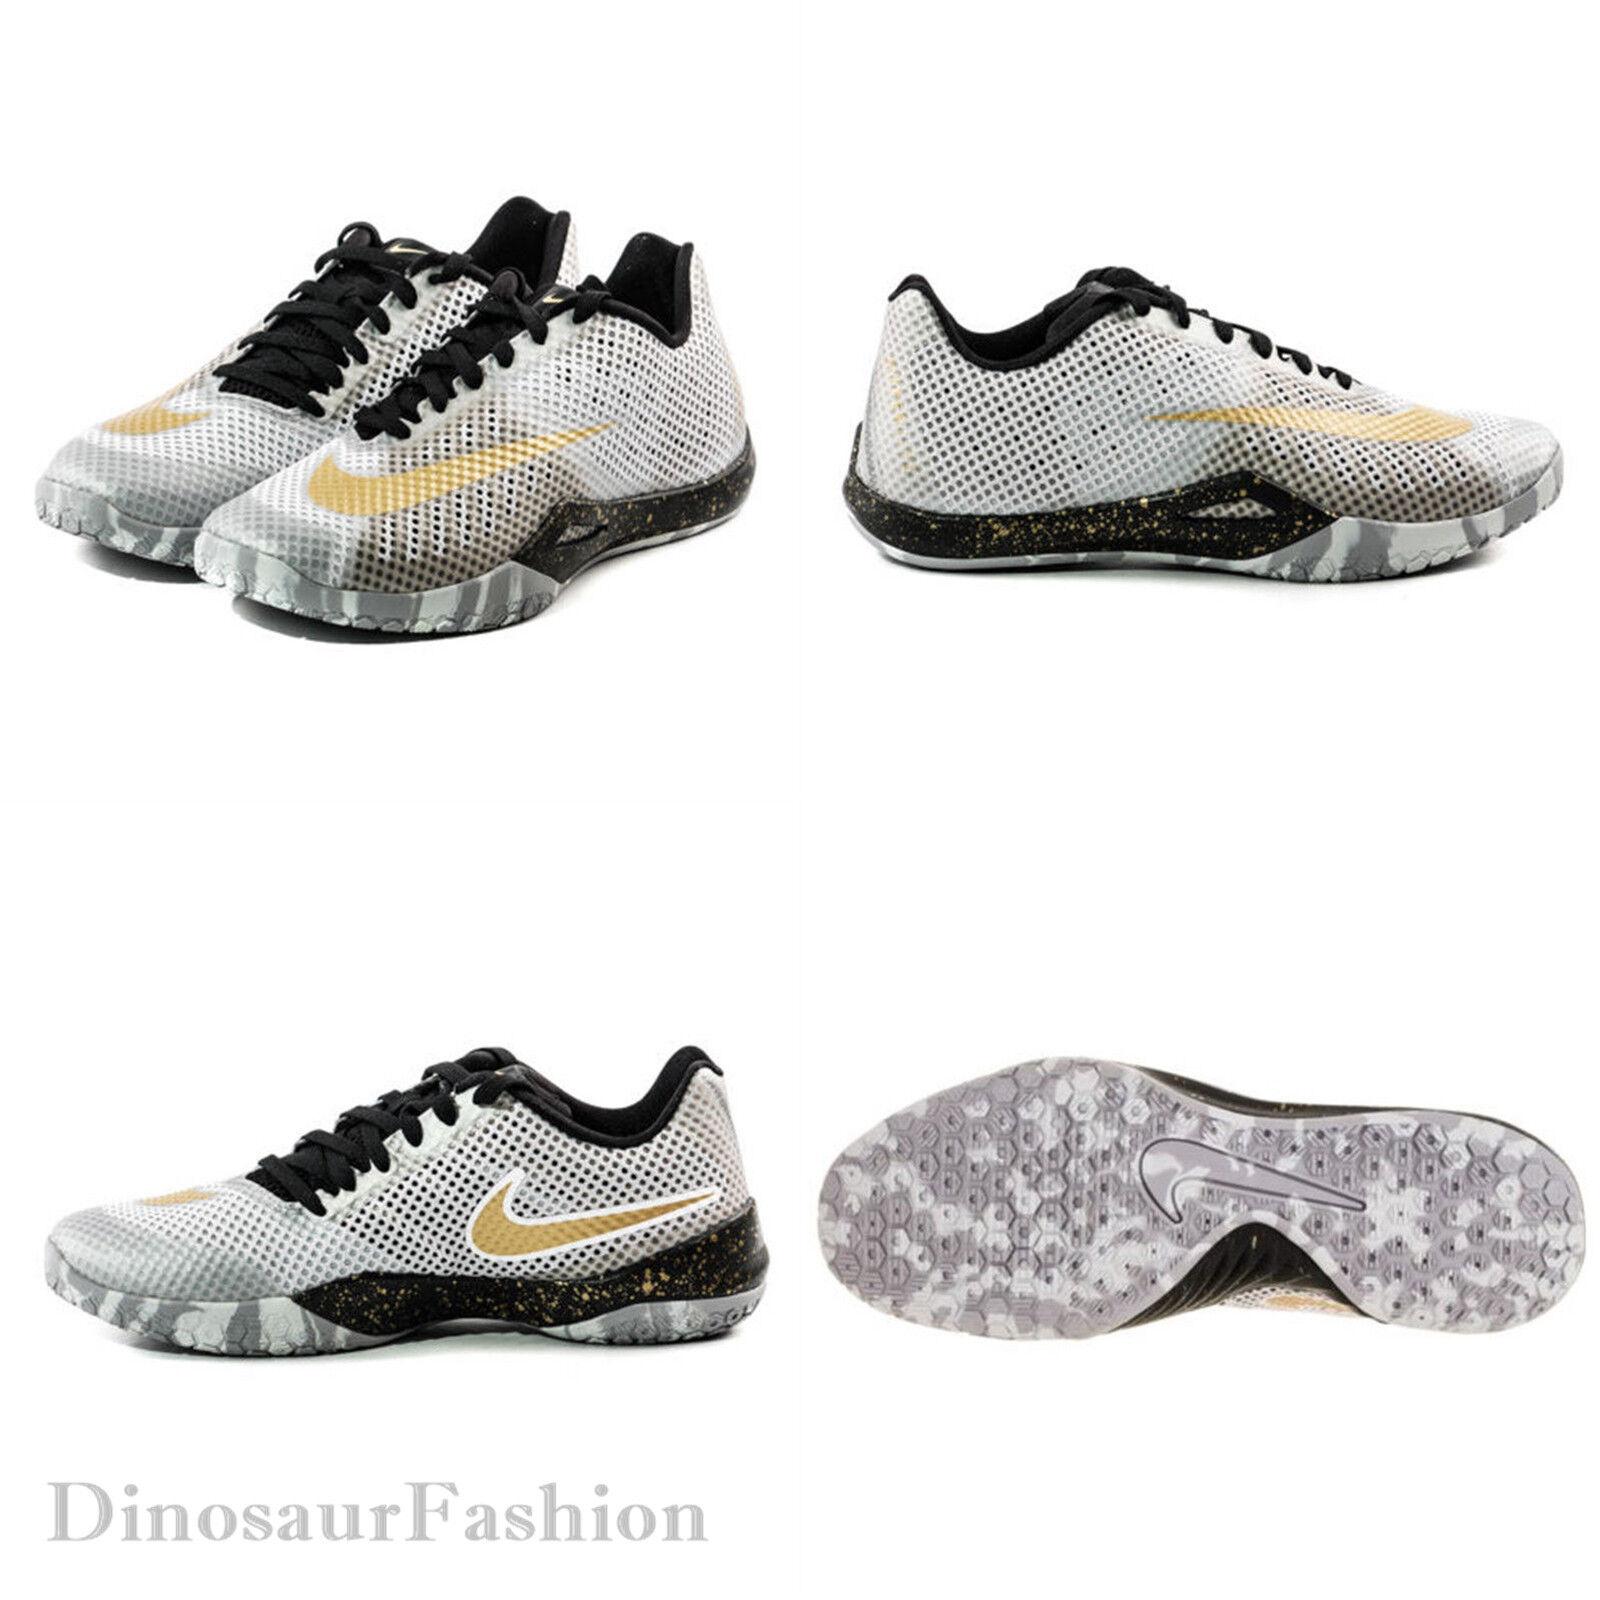 Nike uomini hyperlive (819663-170), scarpe da basket, di nuovo con box, senza coperchio